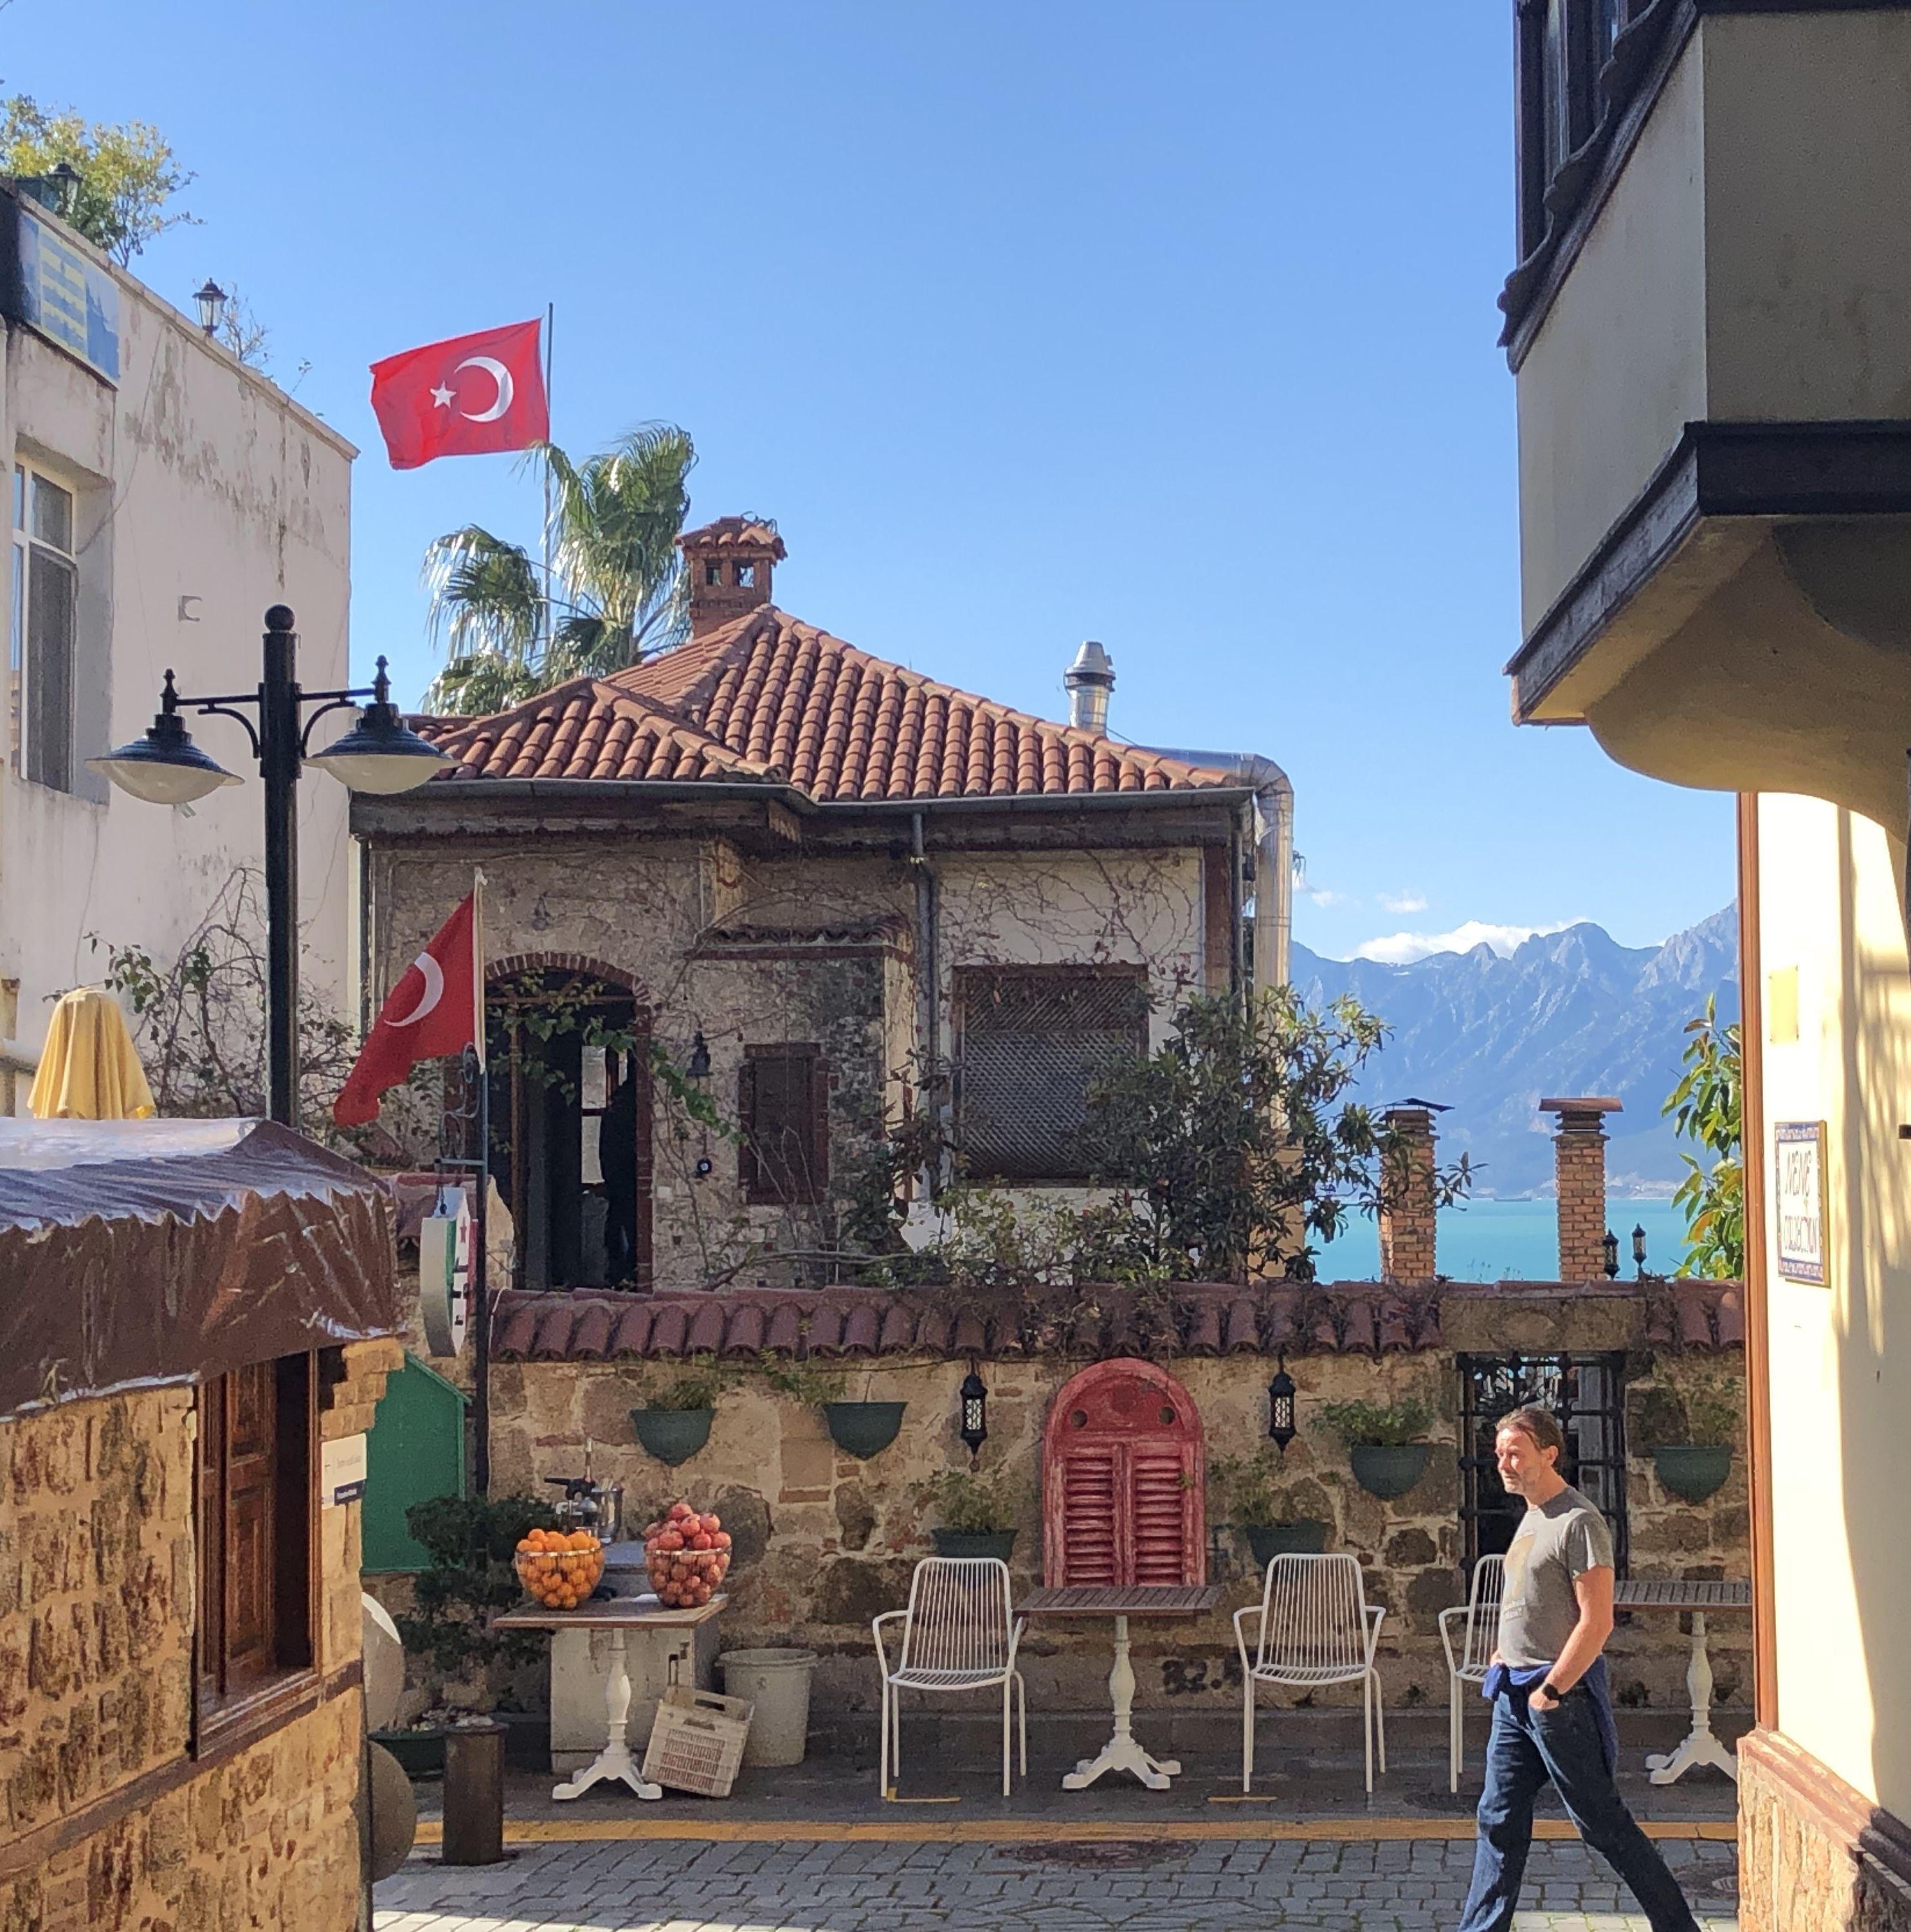 Antalya Old Town January 2018 Antalya Outdoor Decor Home